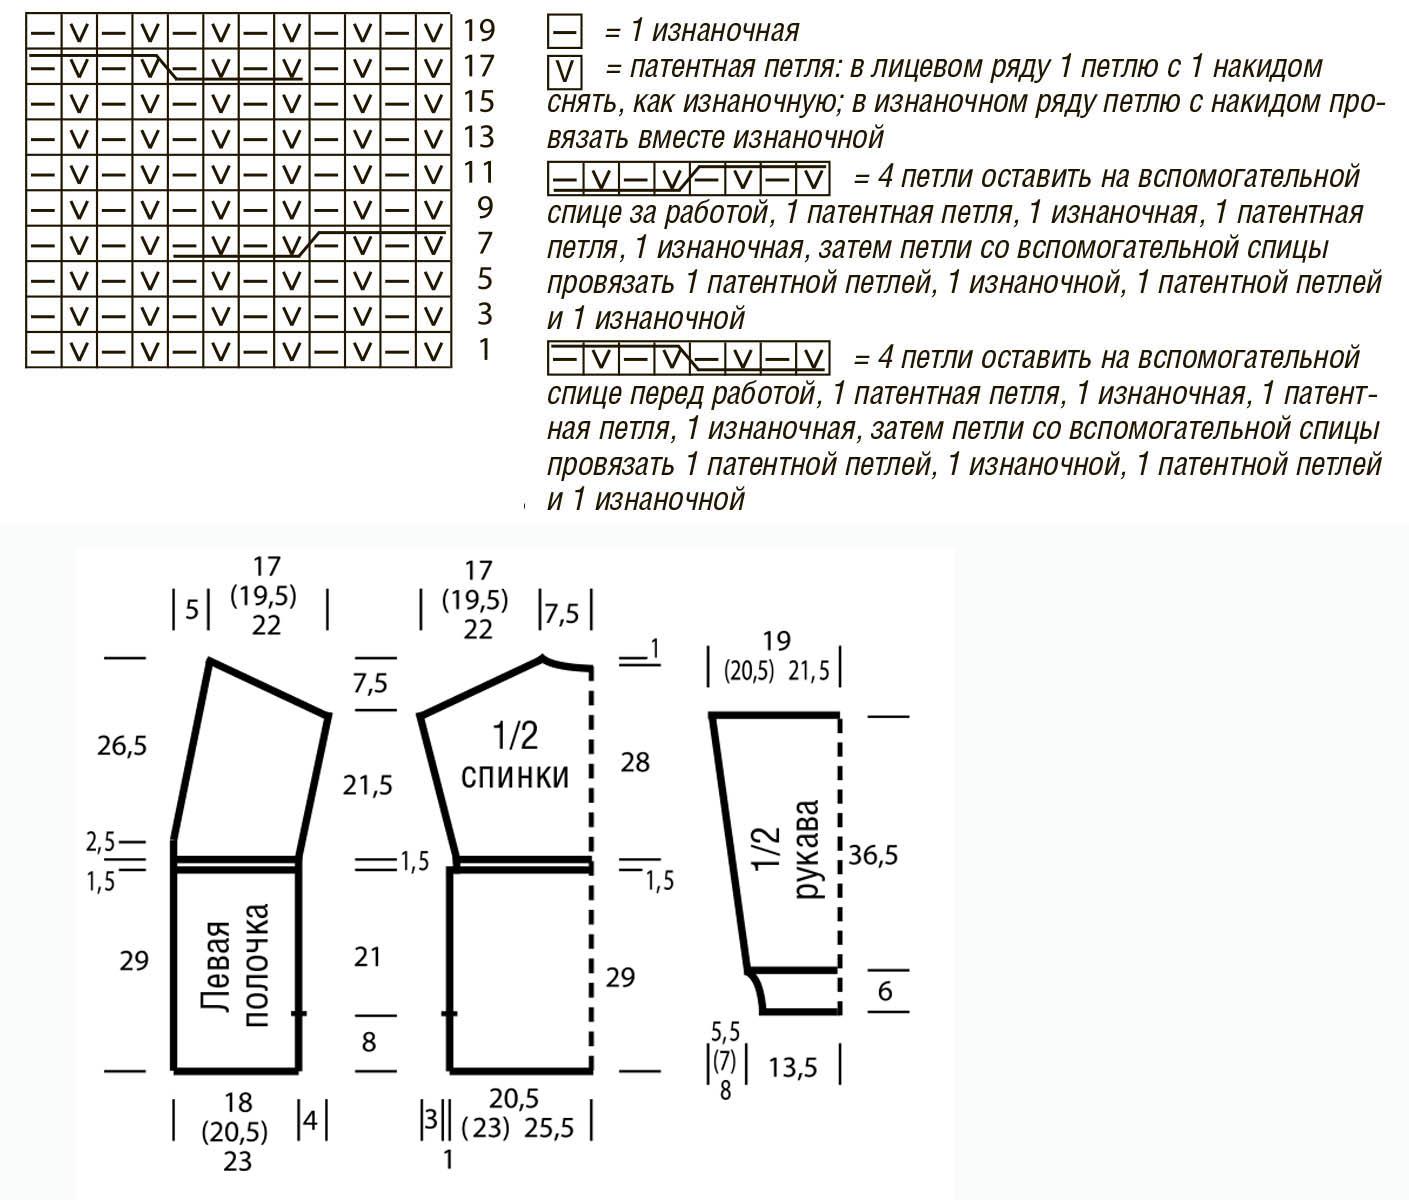 Кардиган спицами полупатентным узором схема вязания с подробным описанием